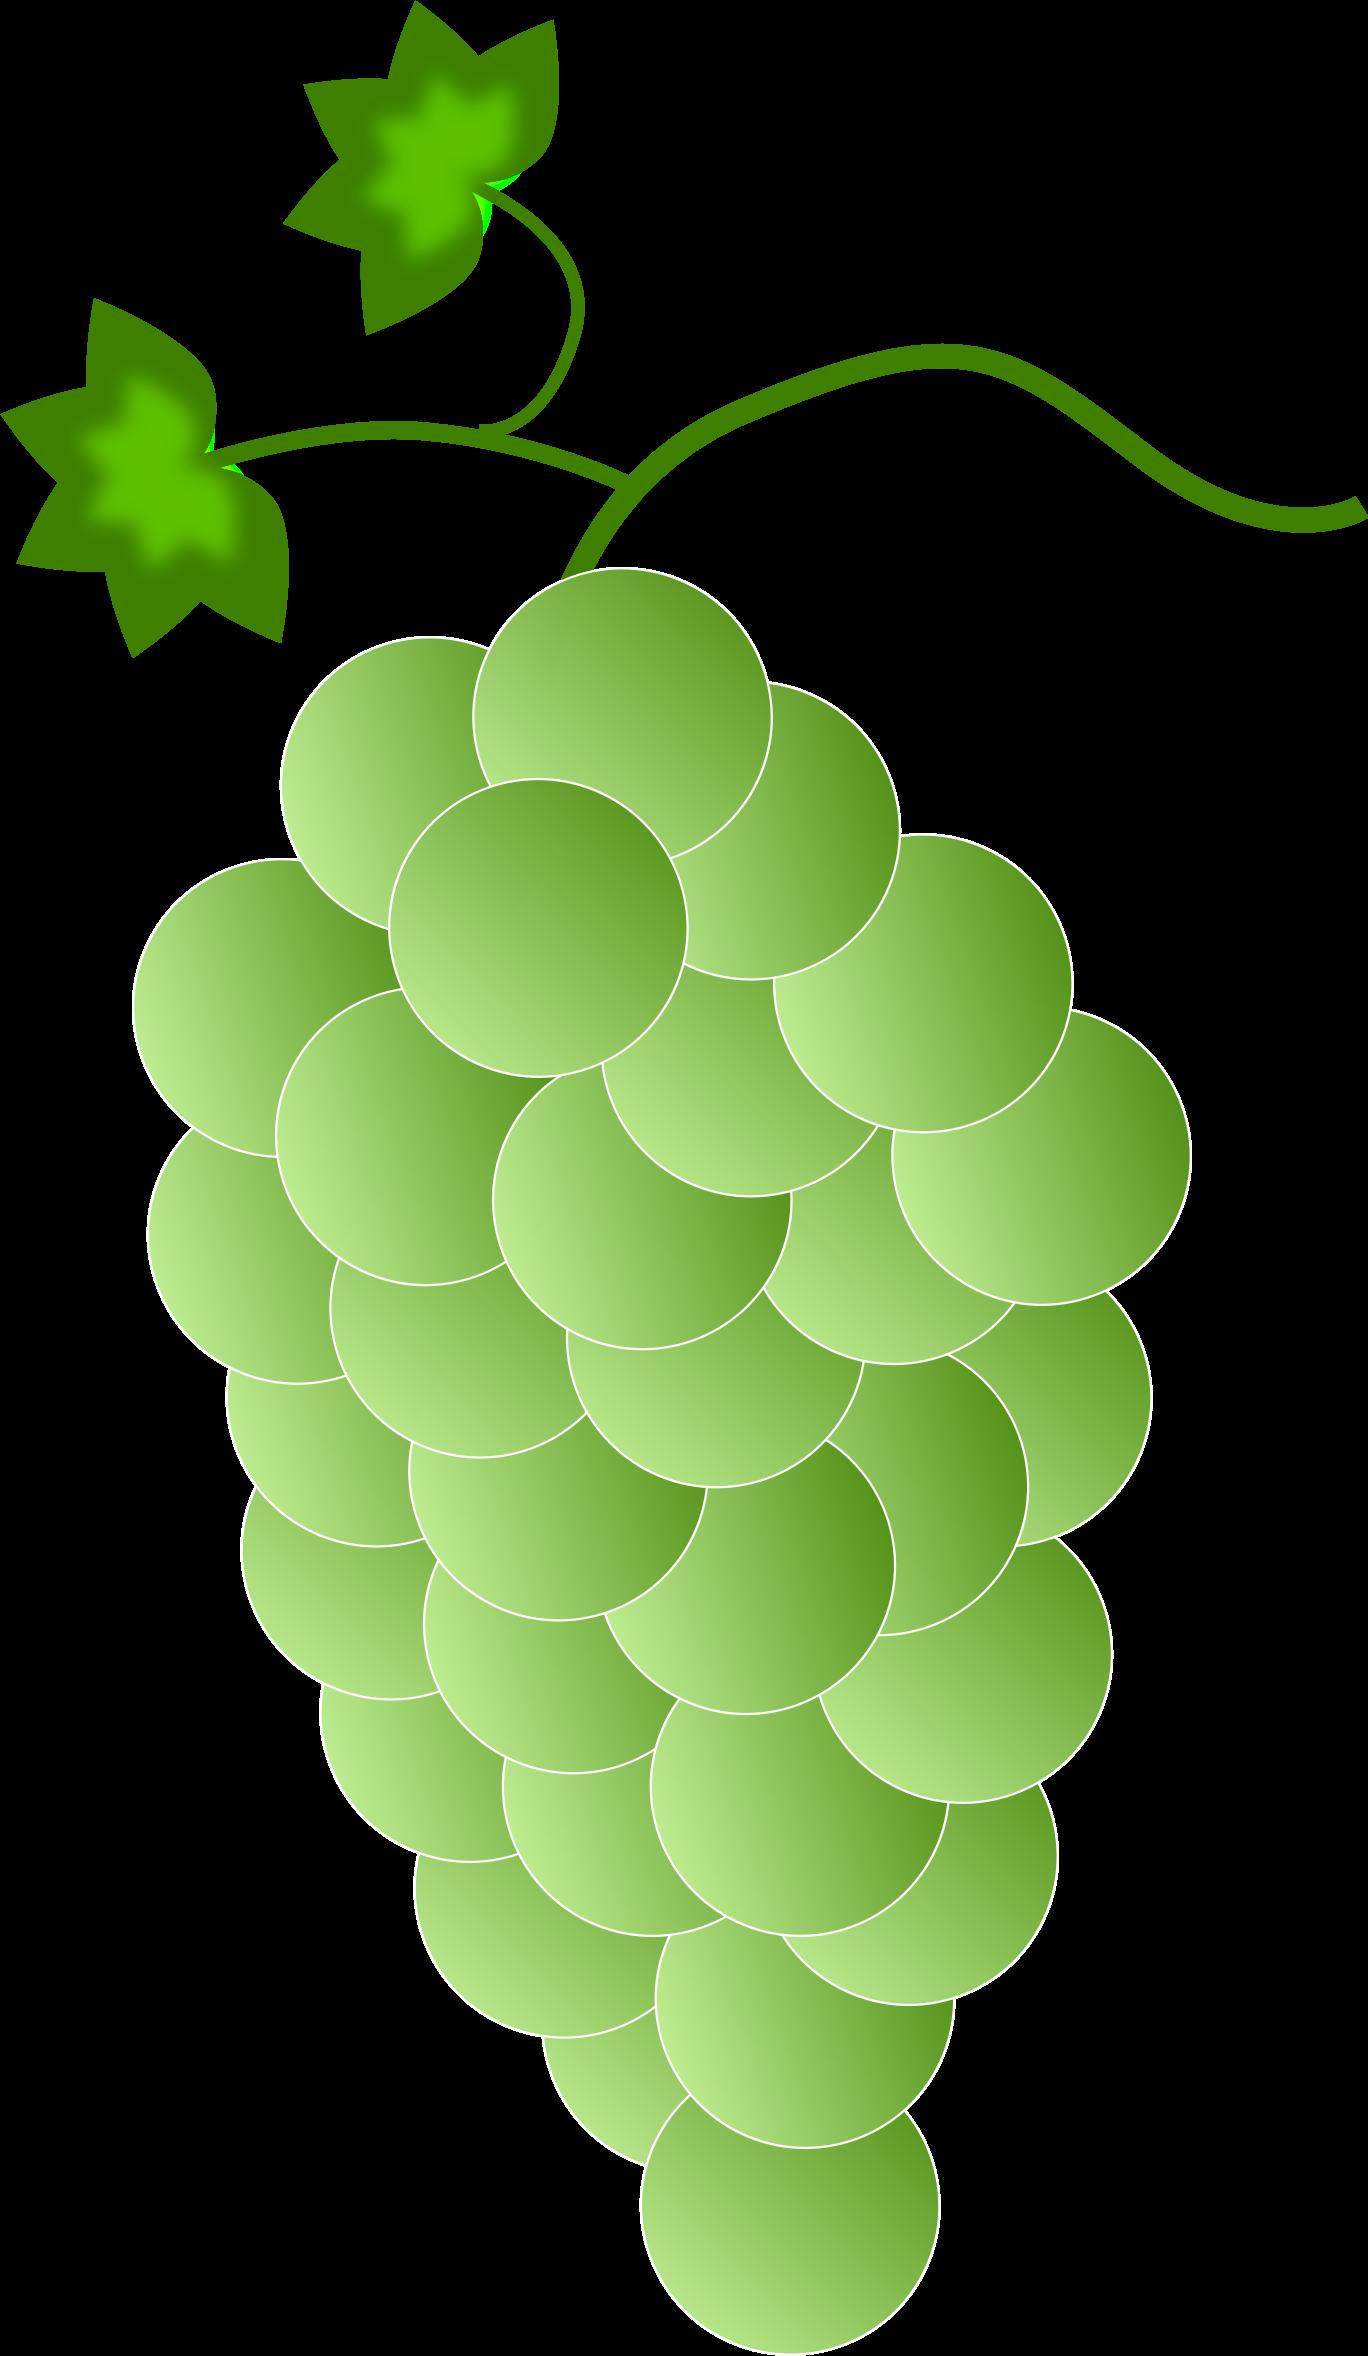 I clipart grape. Greenwhite grapes big image